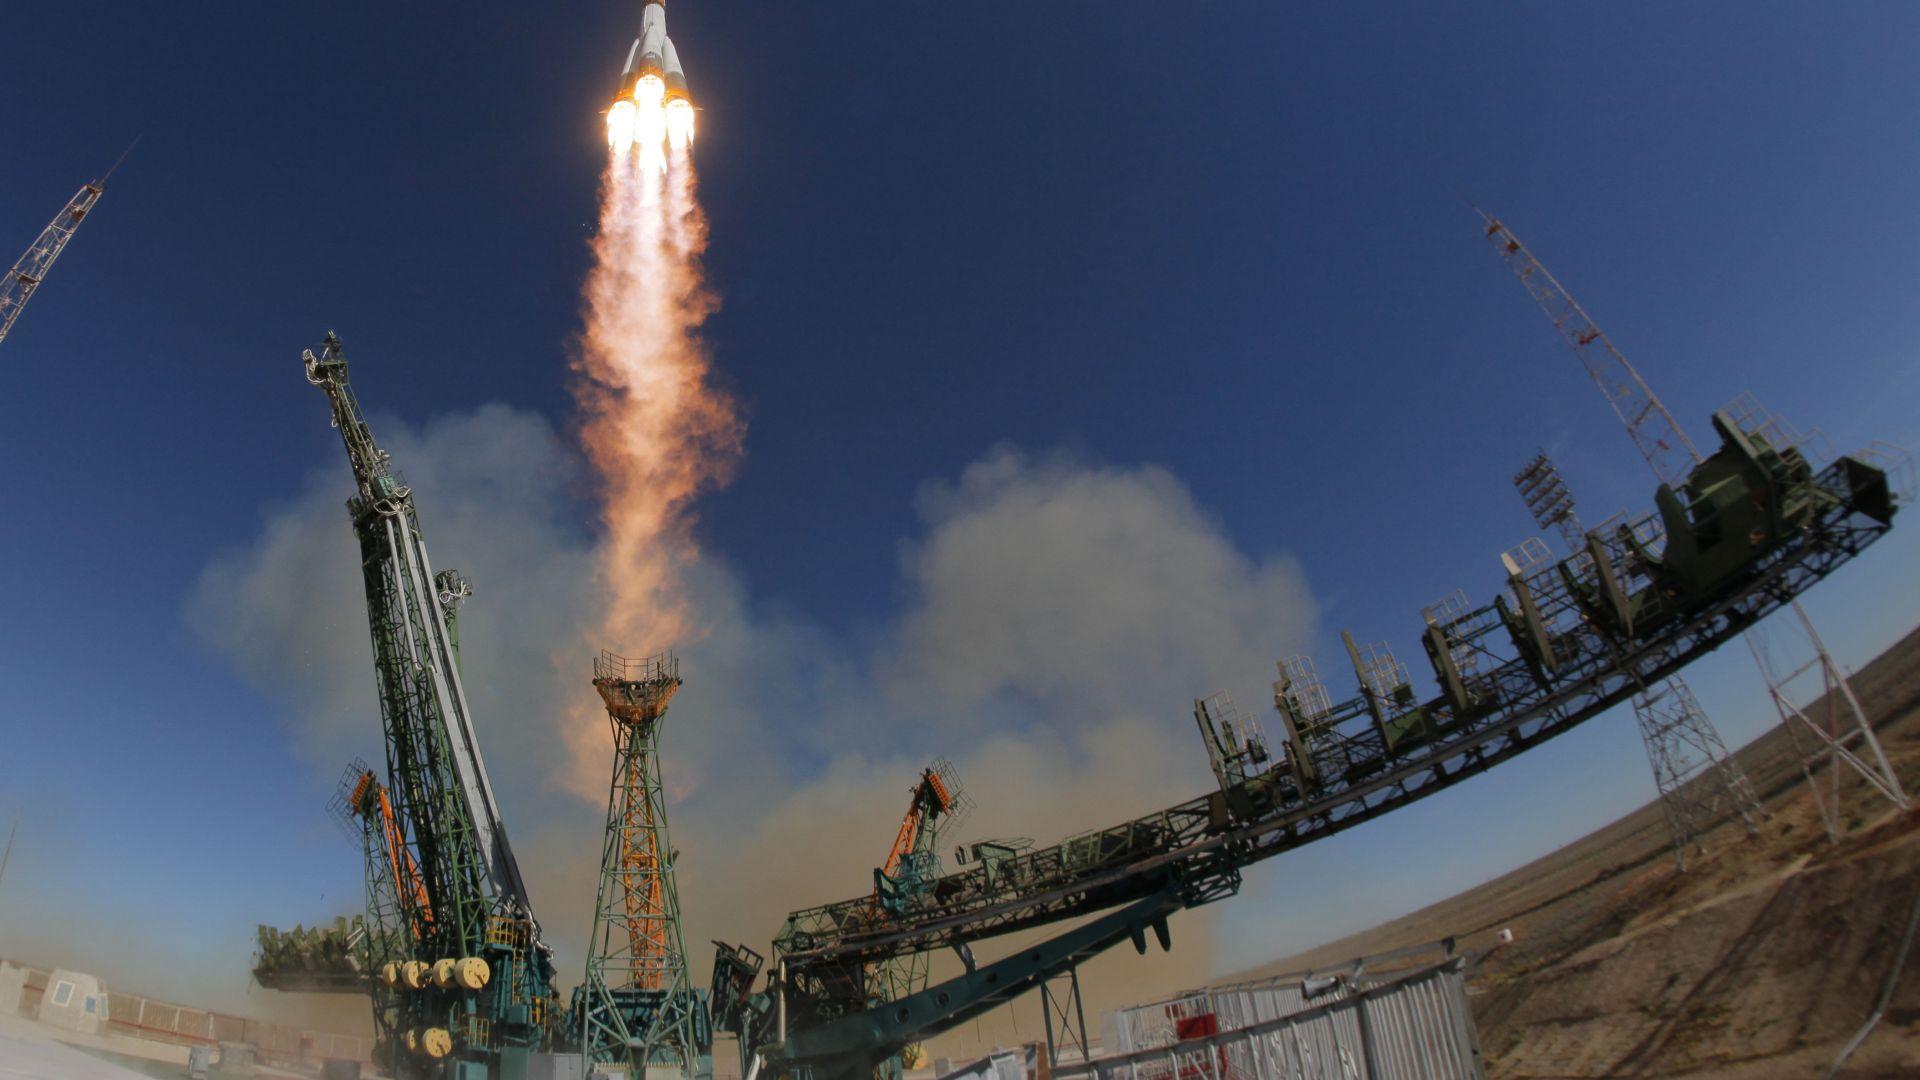 Без полети до МКС в близкото бъдеще